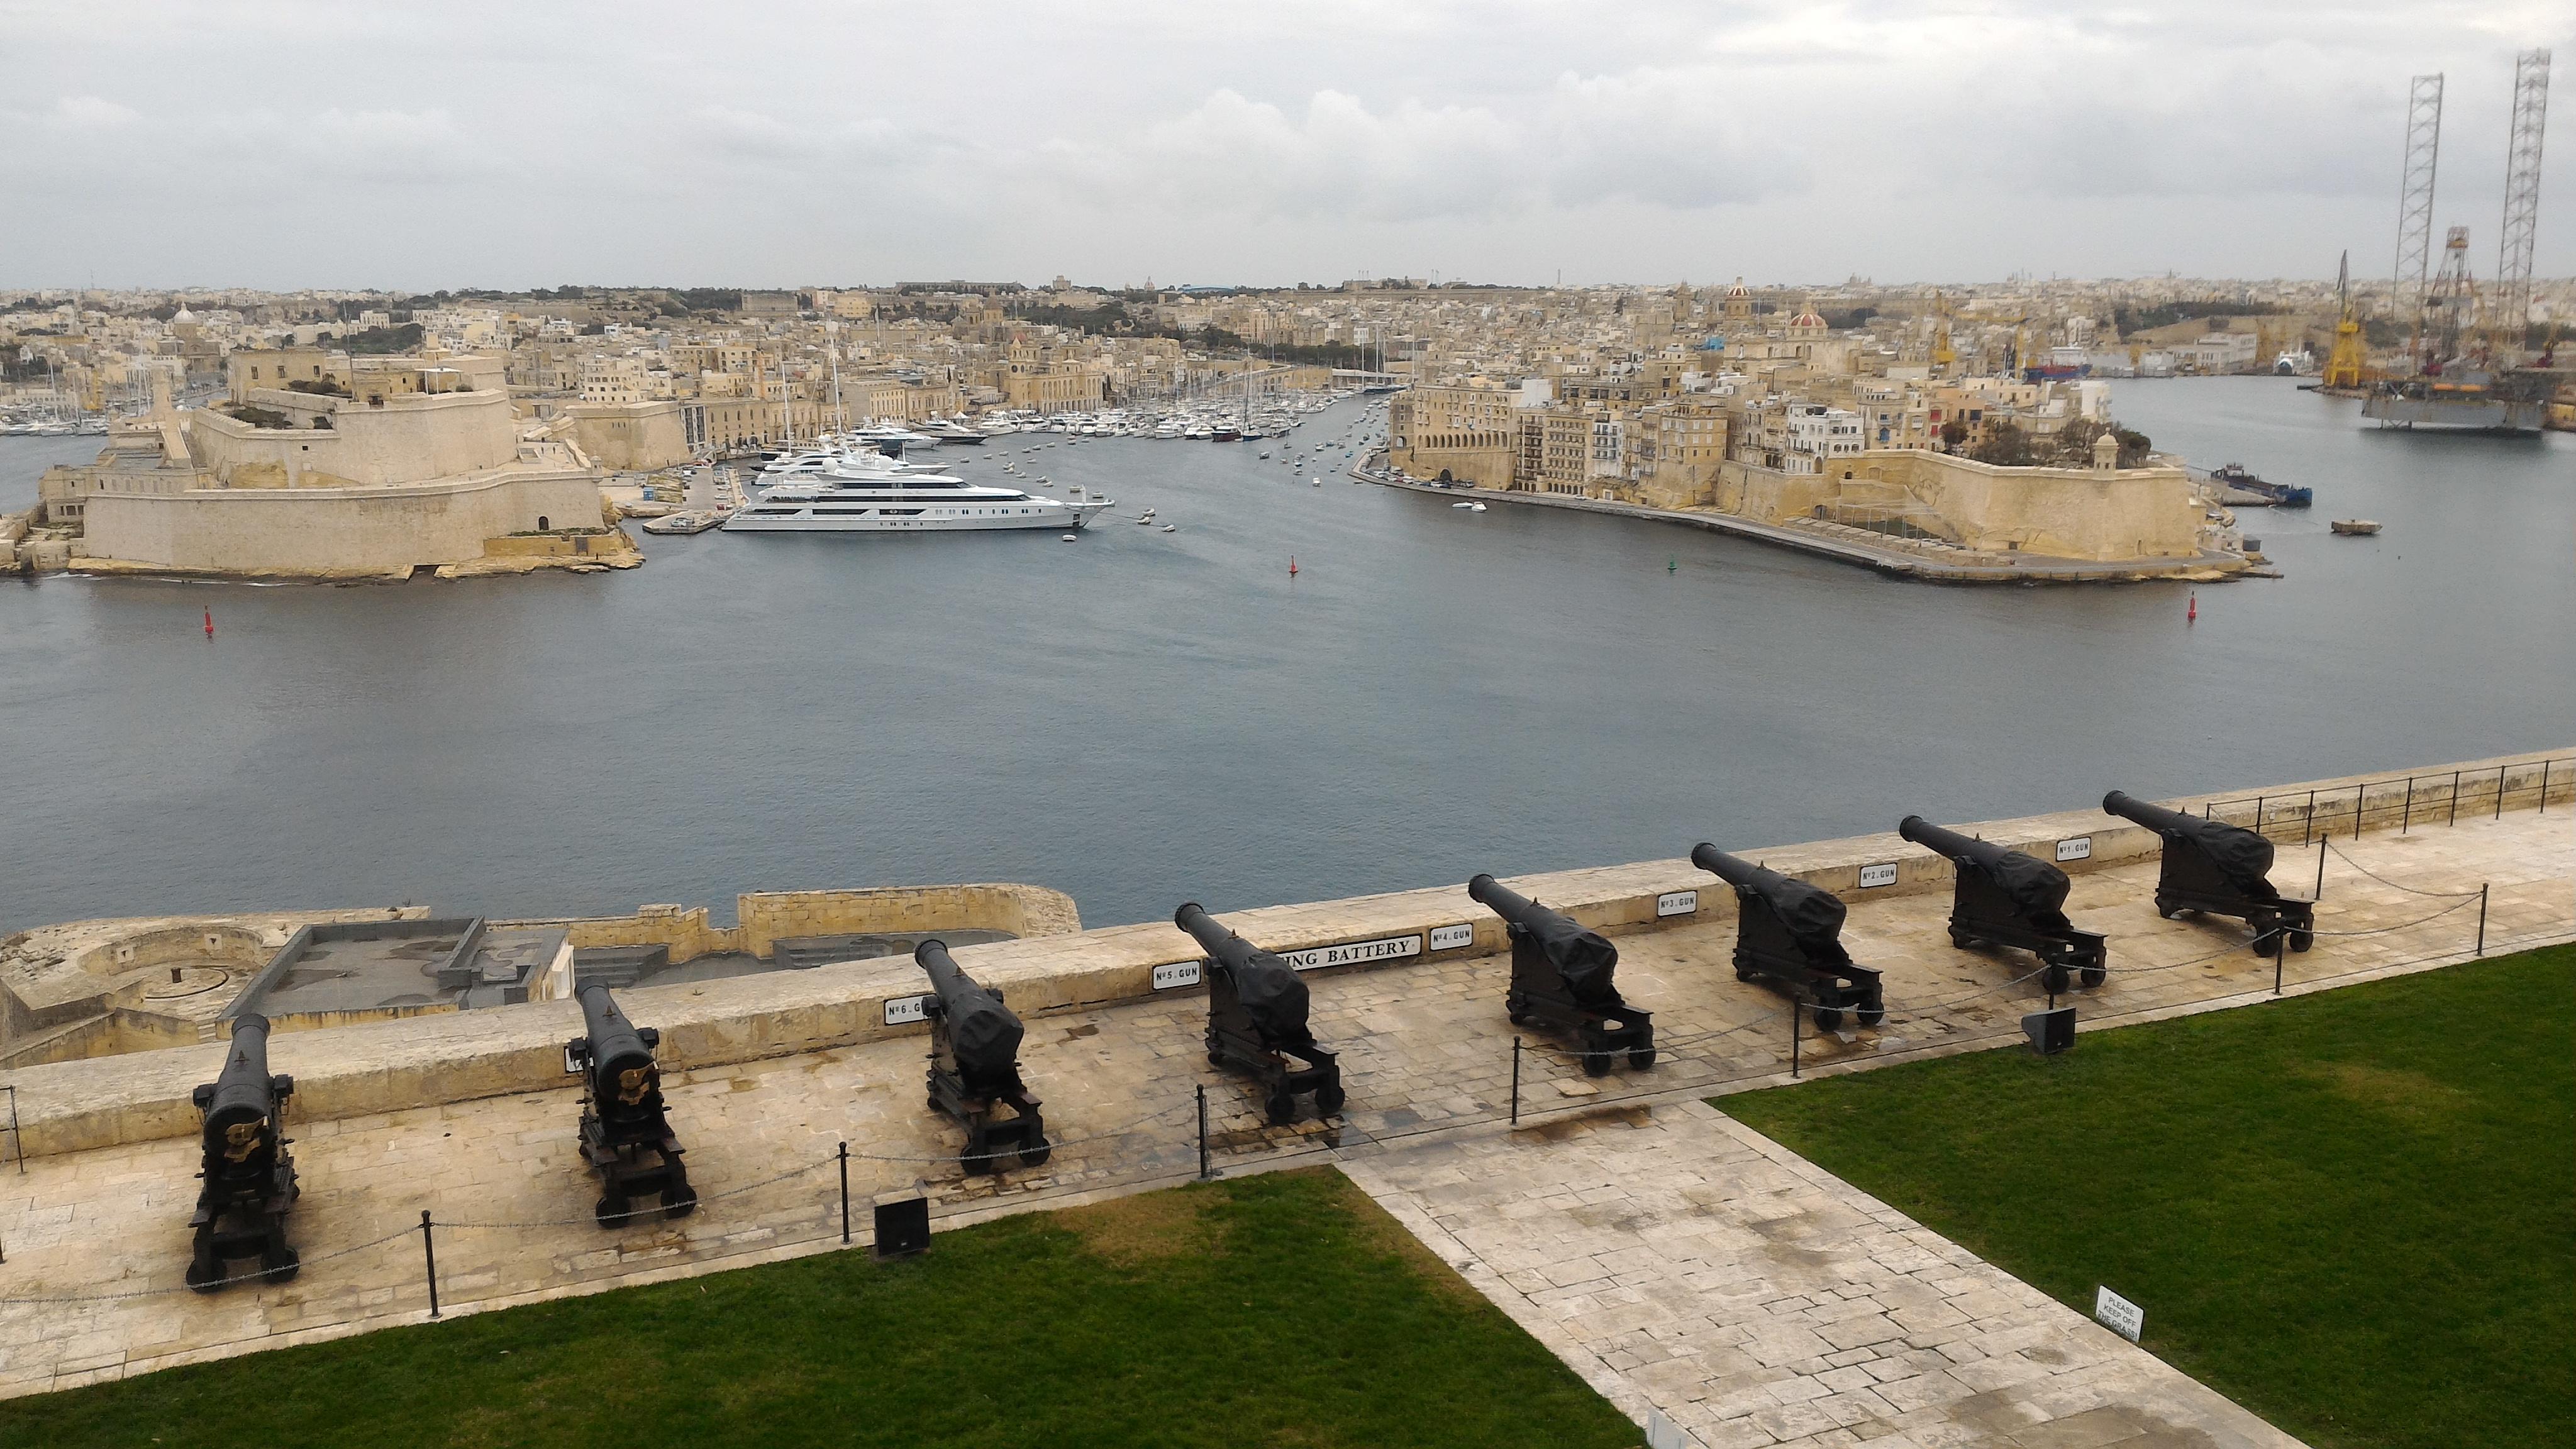 Malta e Gozo in inverno - The Saluting Battery, La Valletta